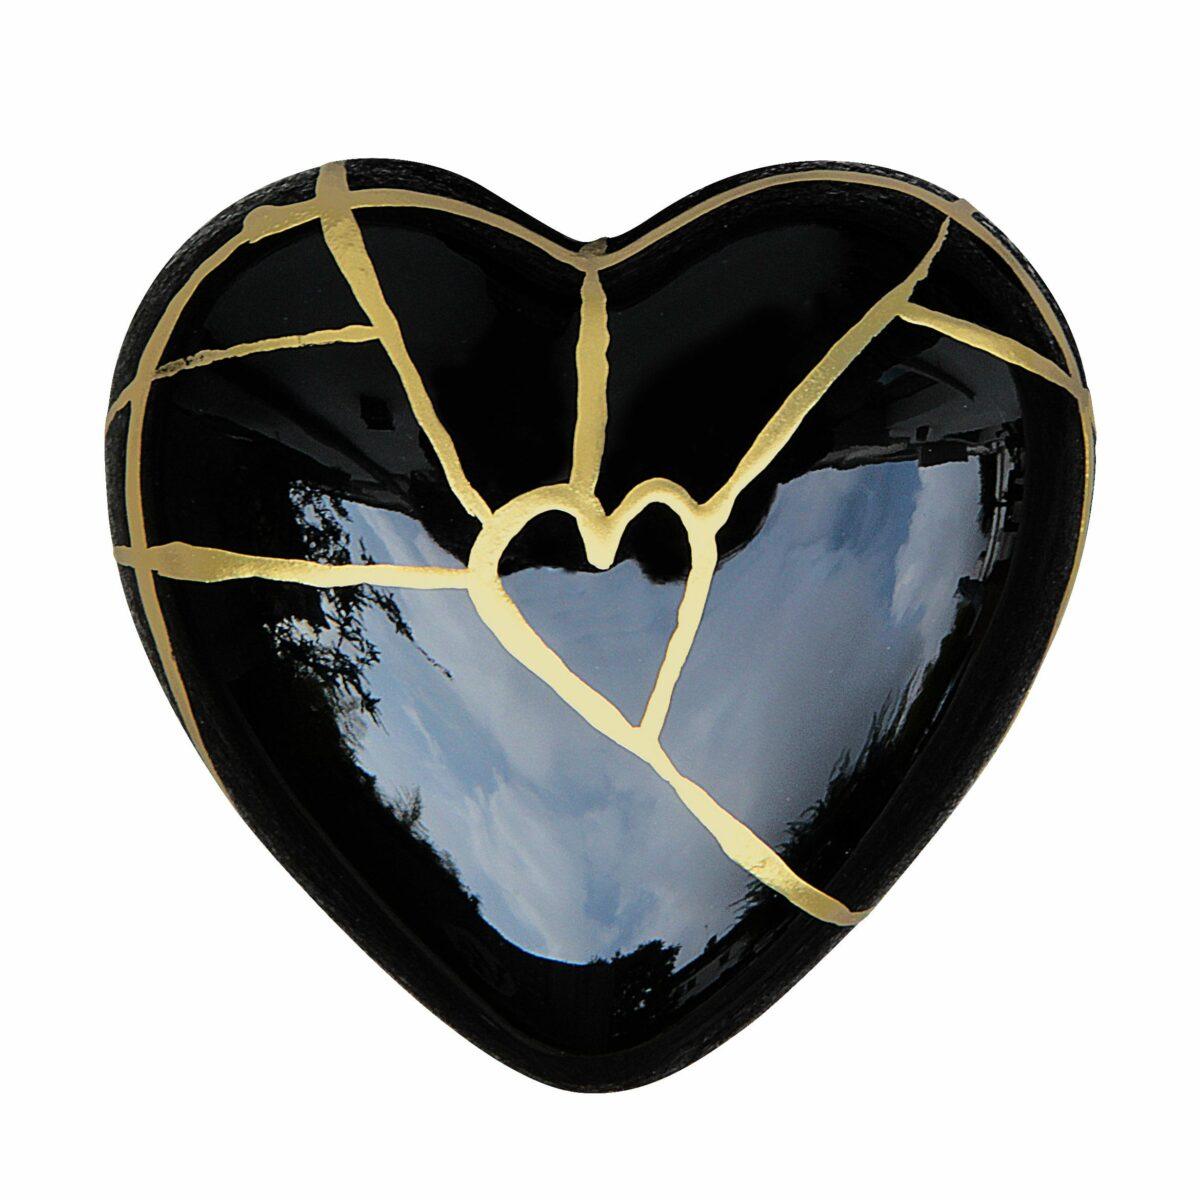 Cuore di ceramica nera con grafica dorata di Letizia Malvestuto